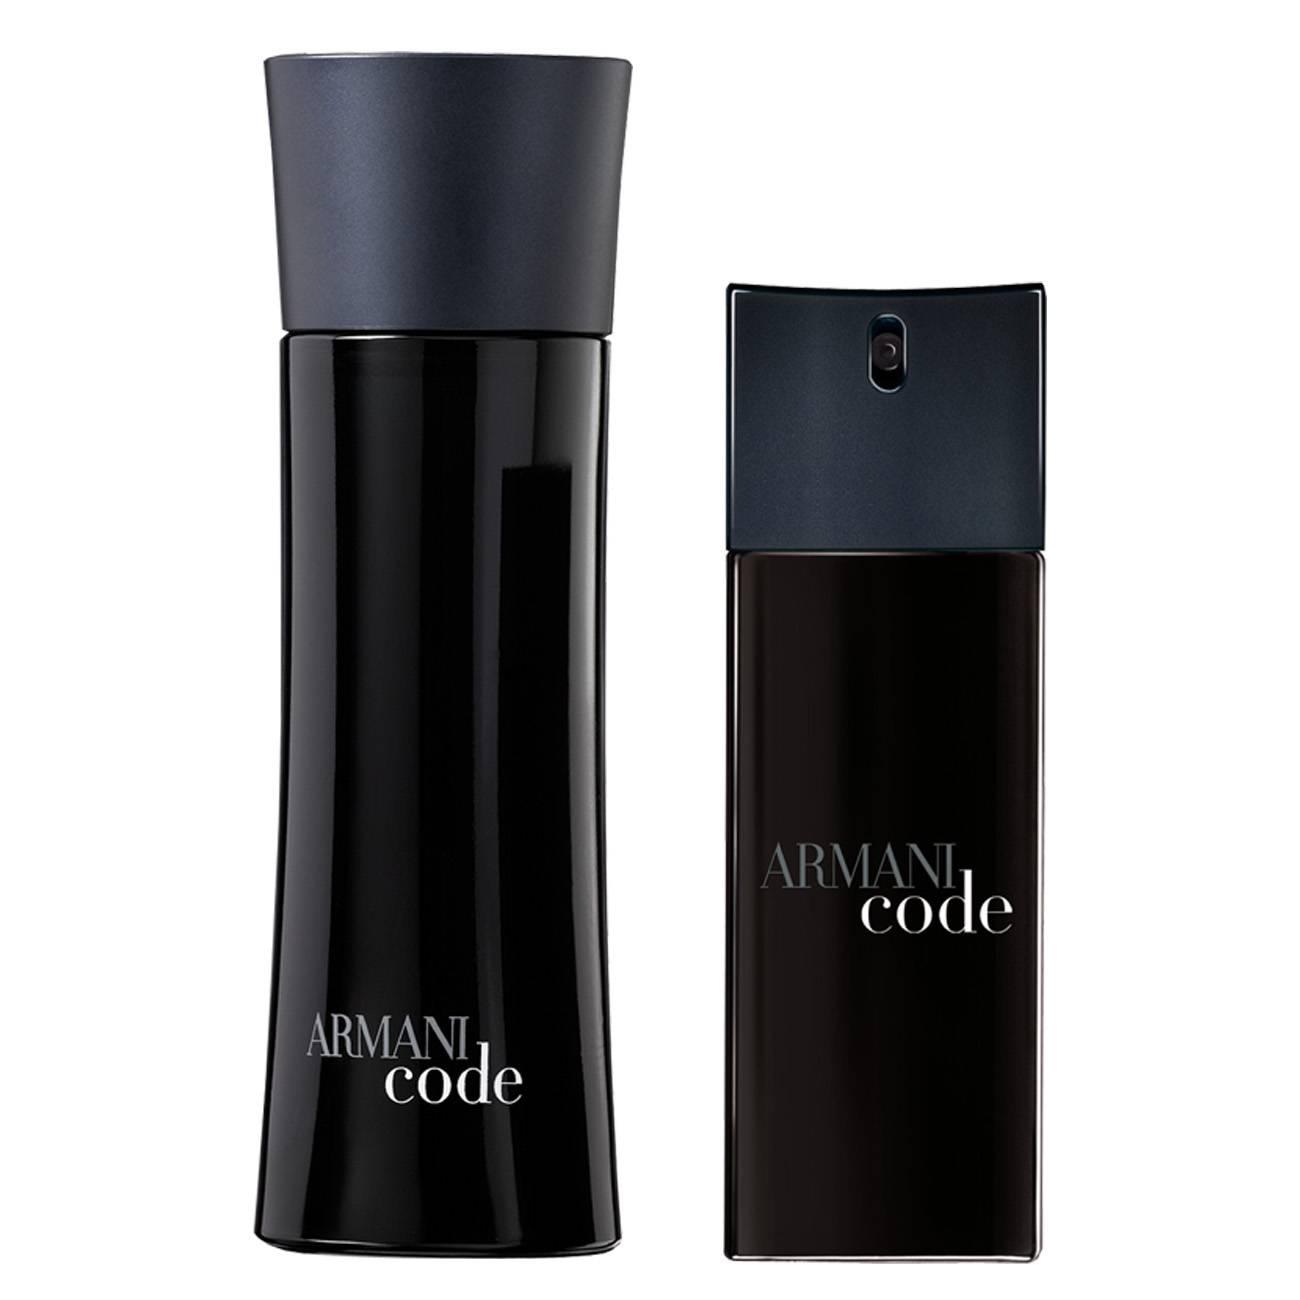 CODE 95 ML 95ml